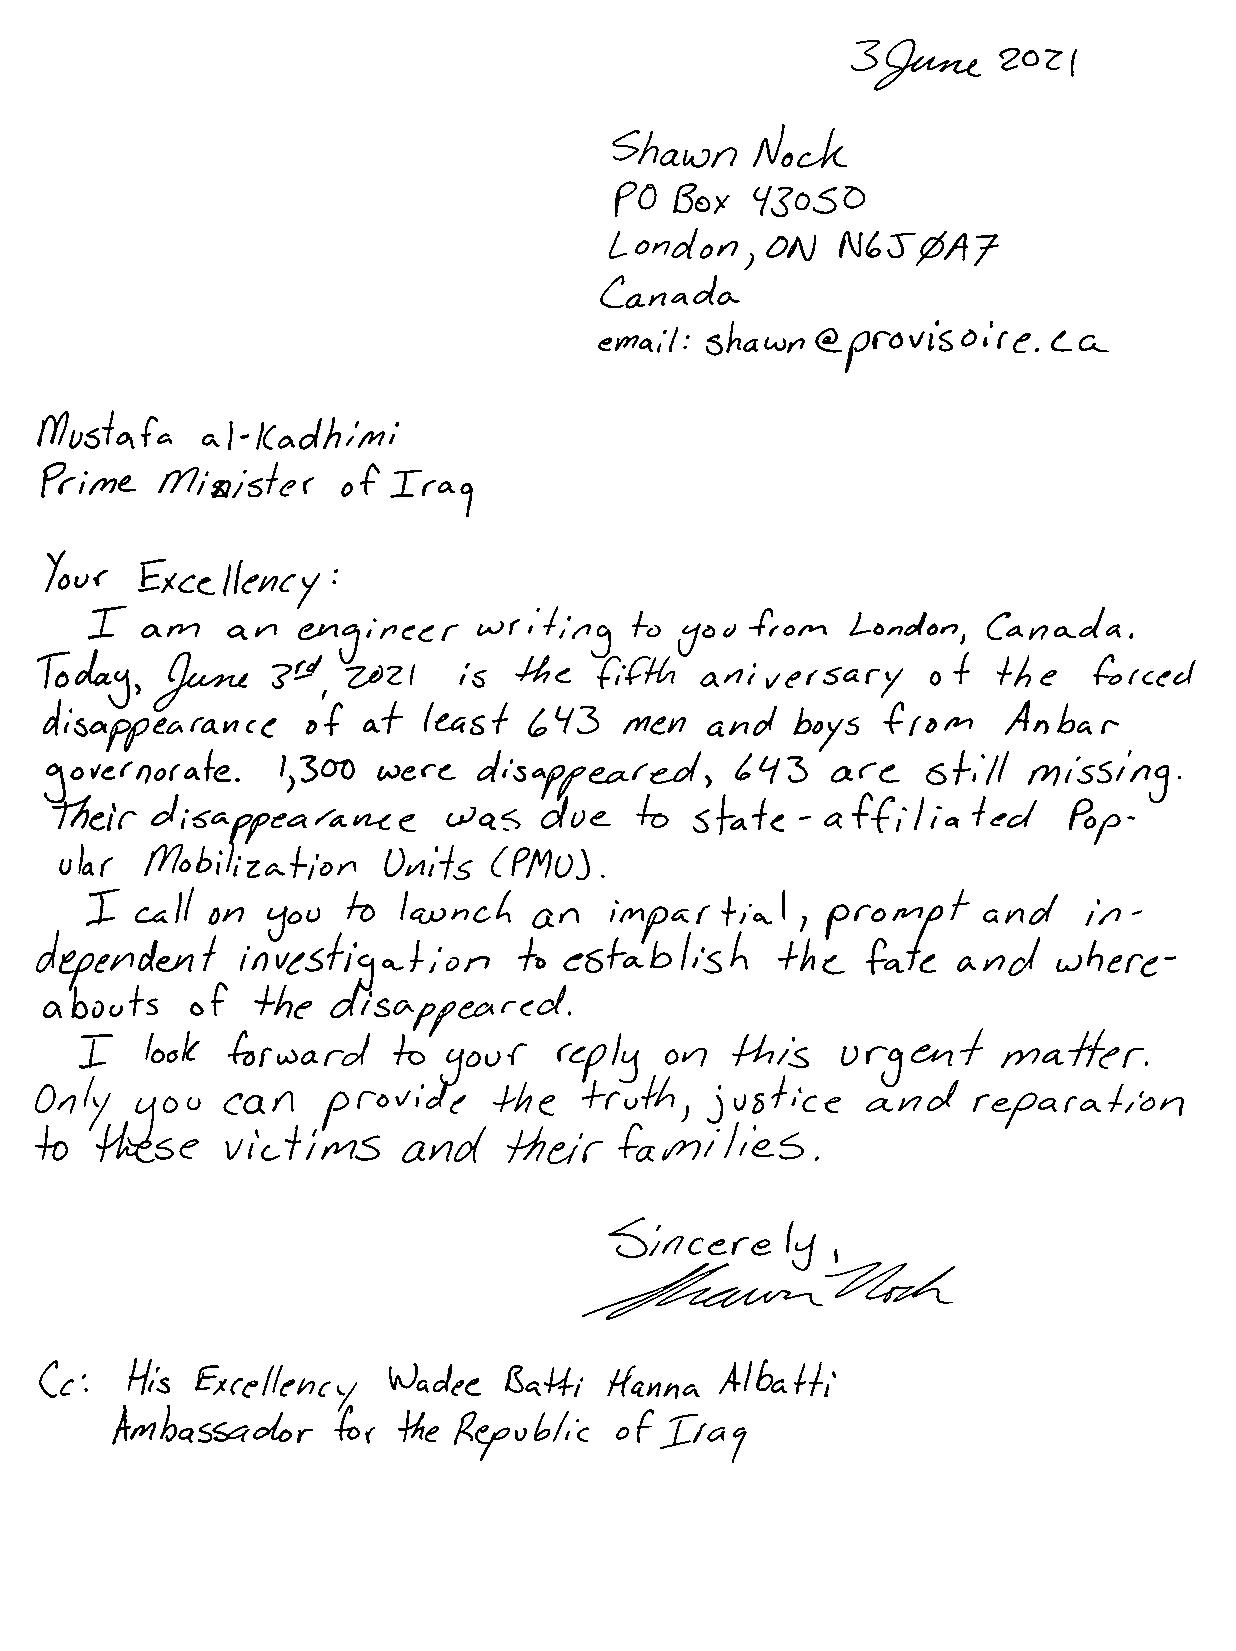 handwritten letter, transcript follows